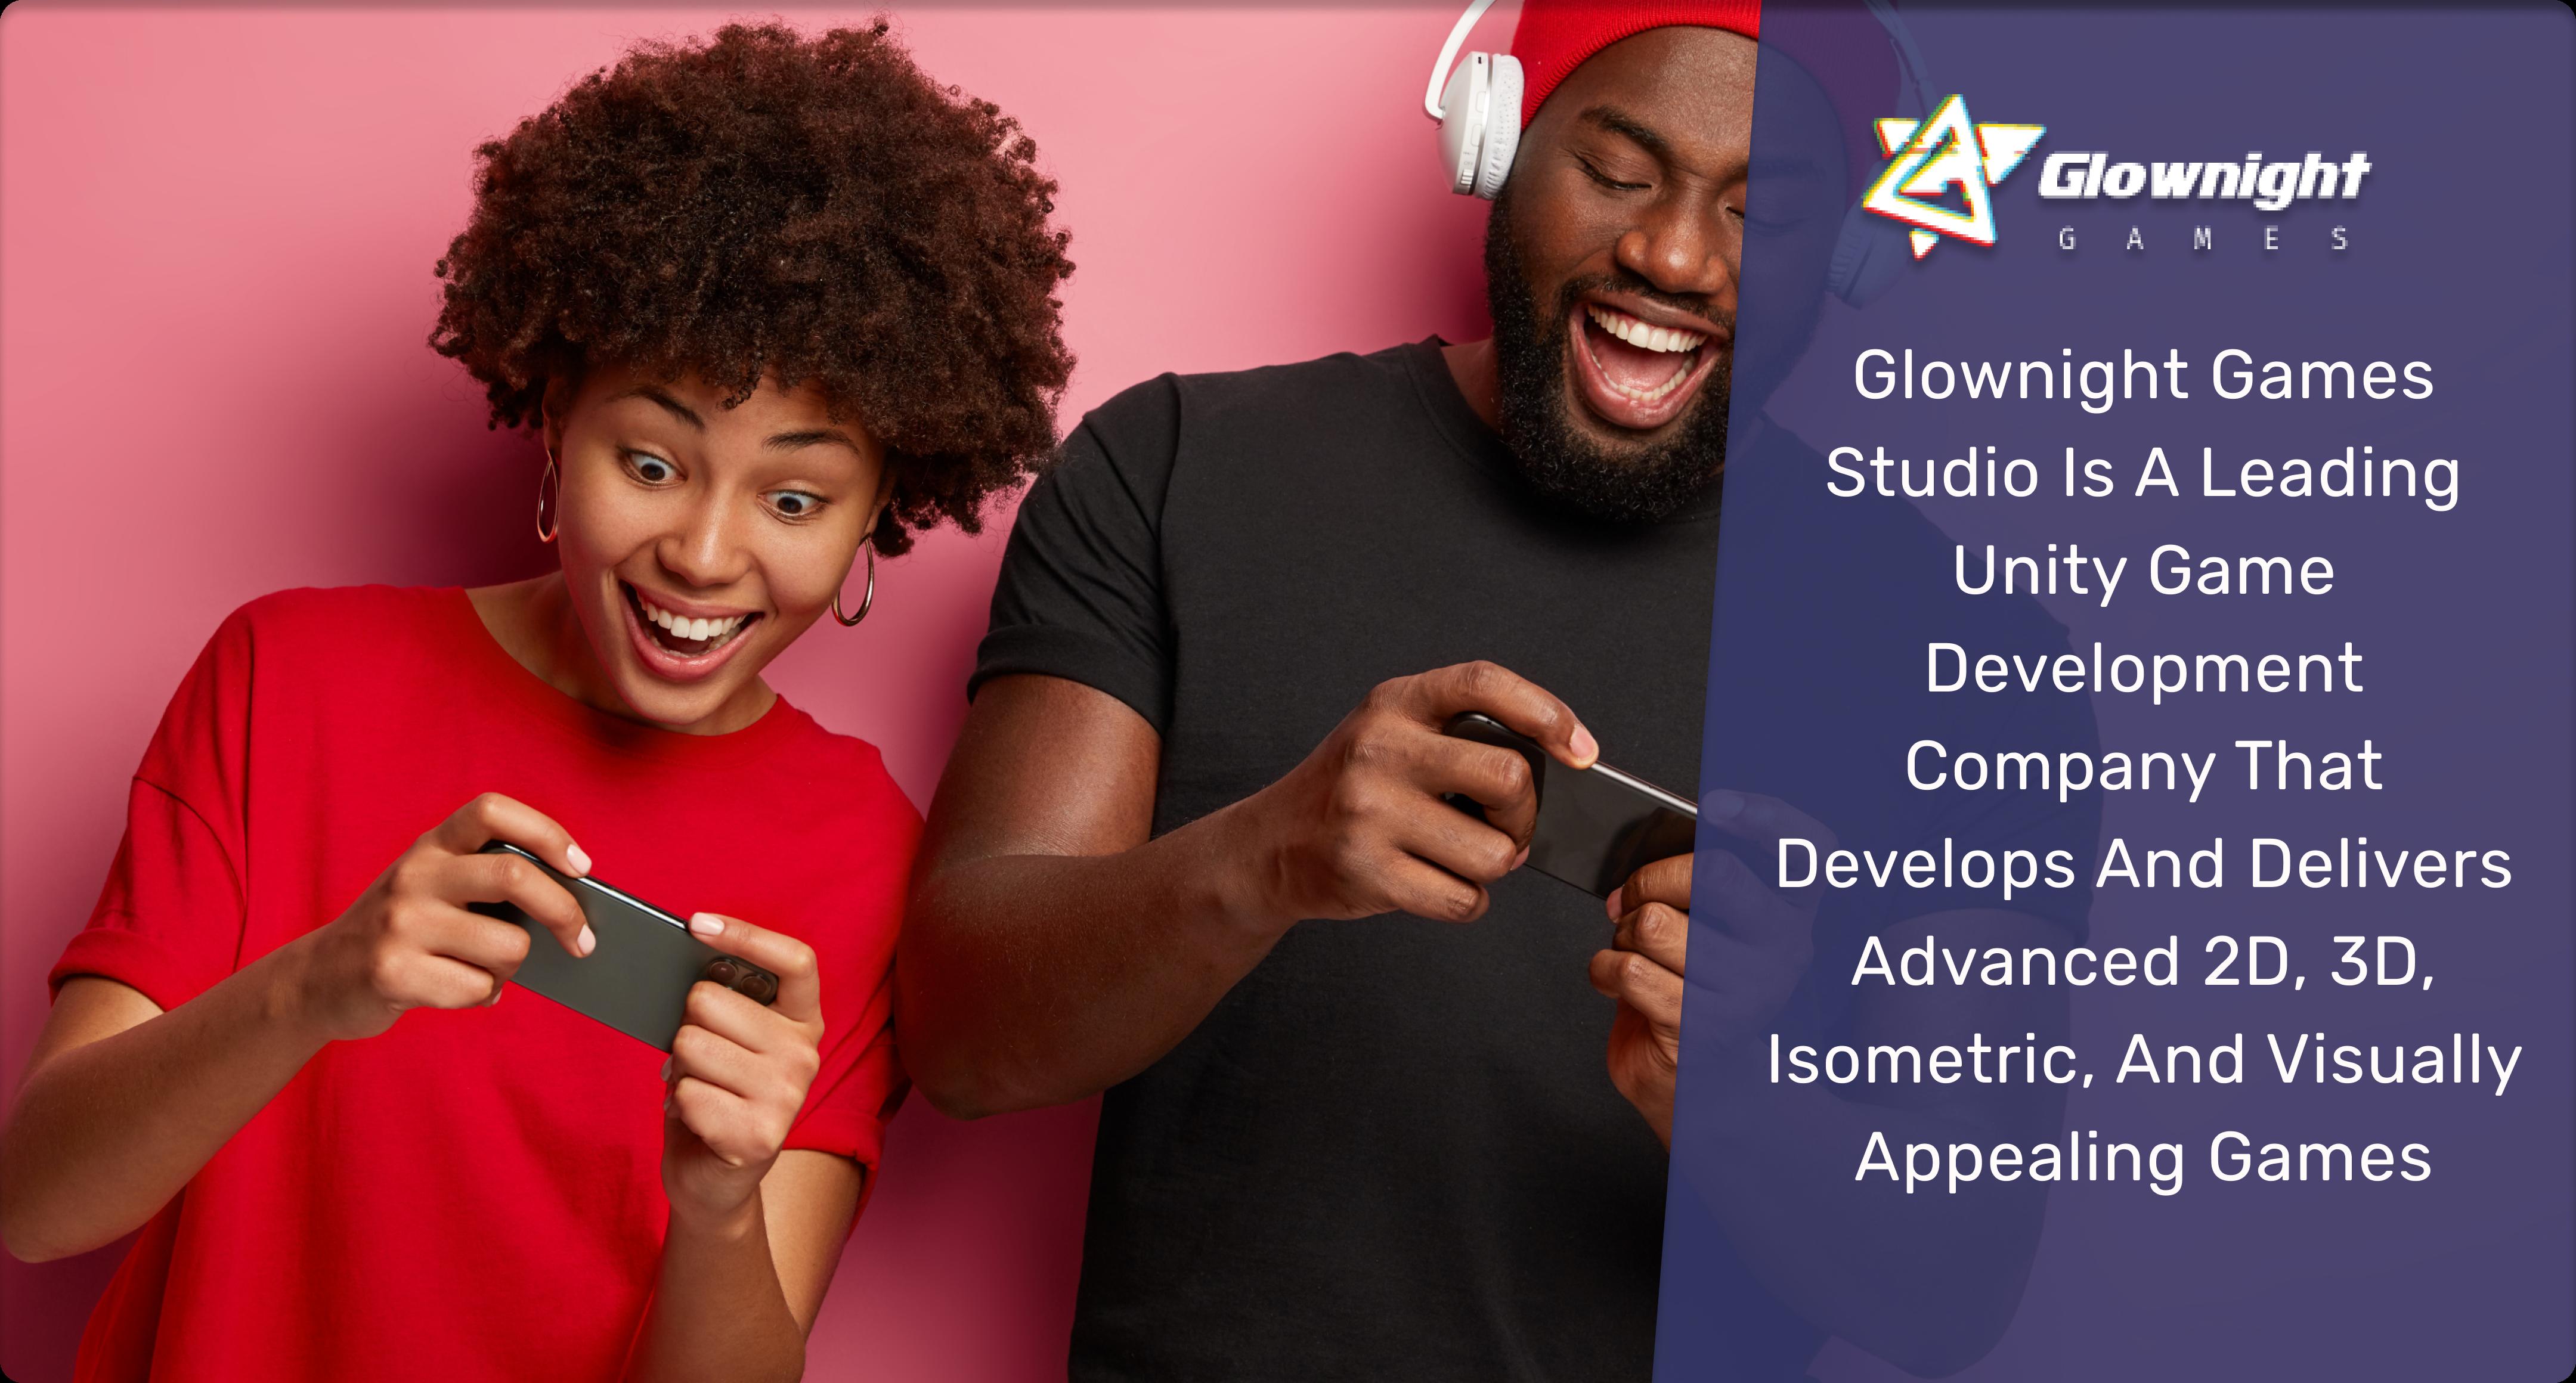 Mobile Game Development Company